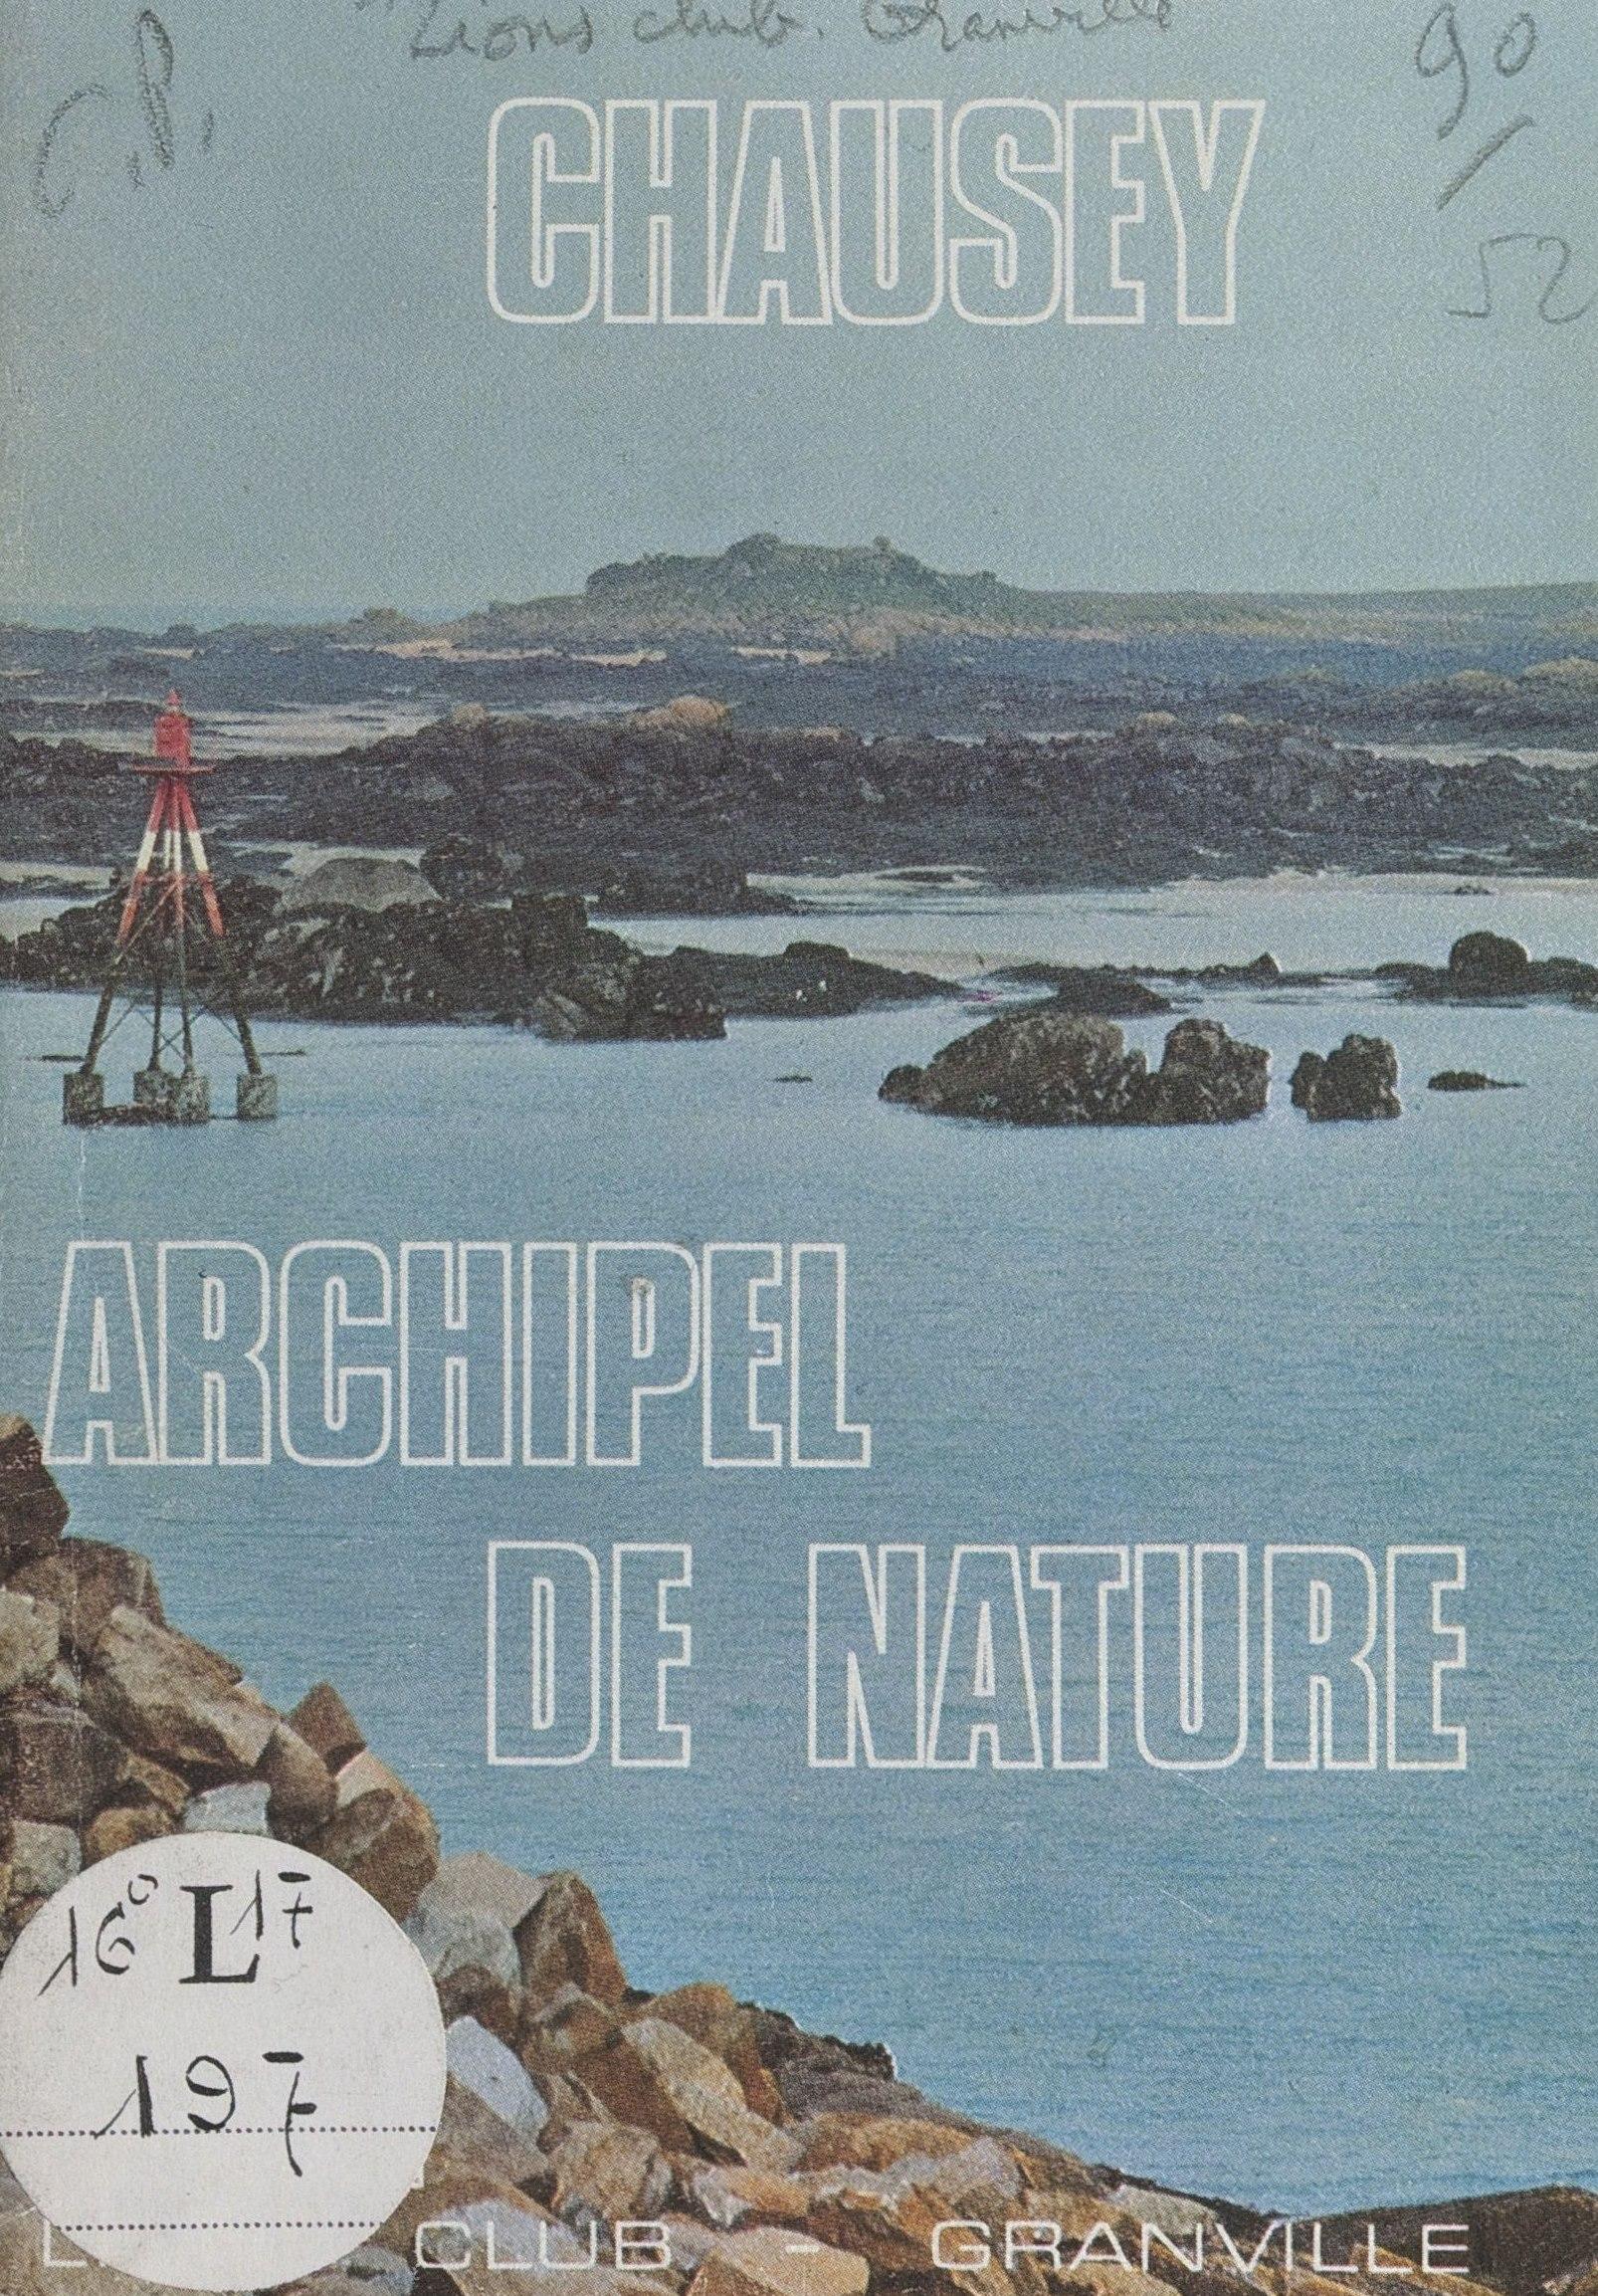 Chausey, archipel de nature